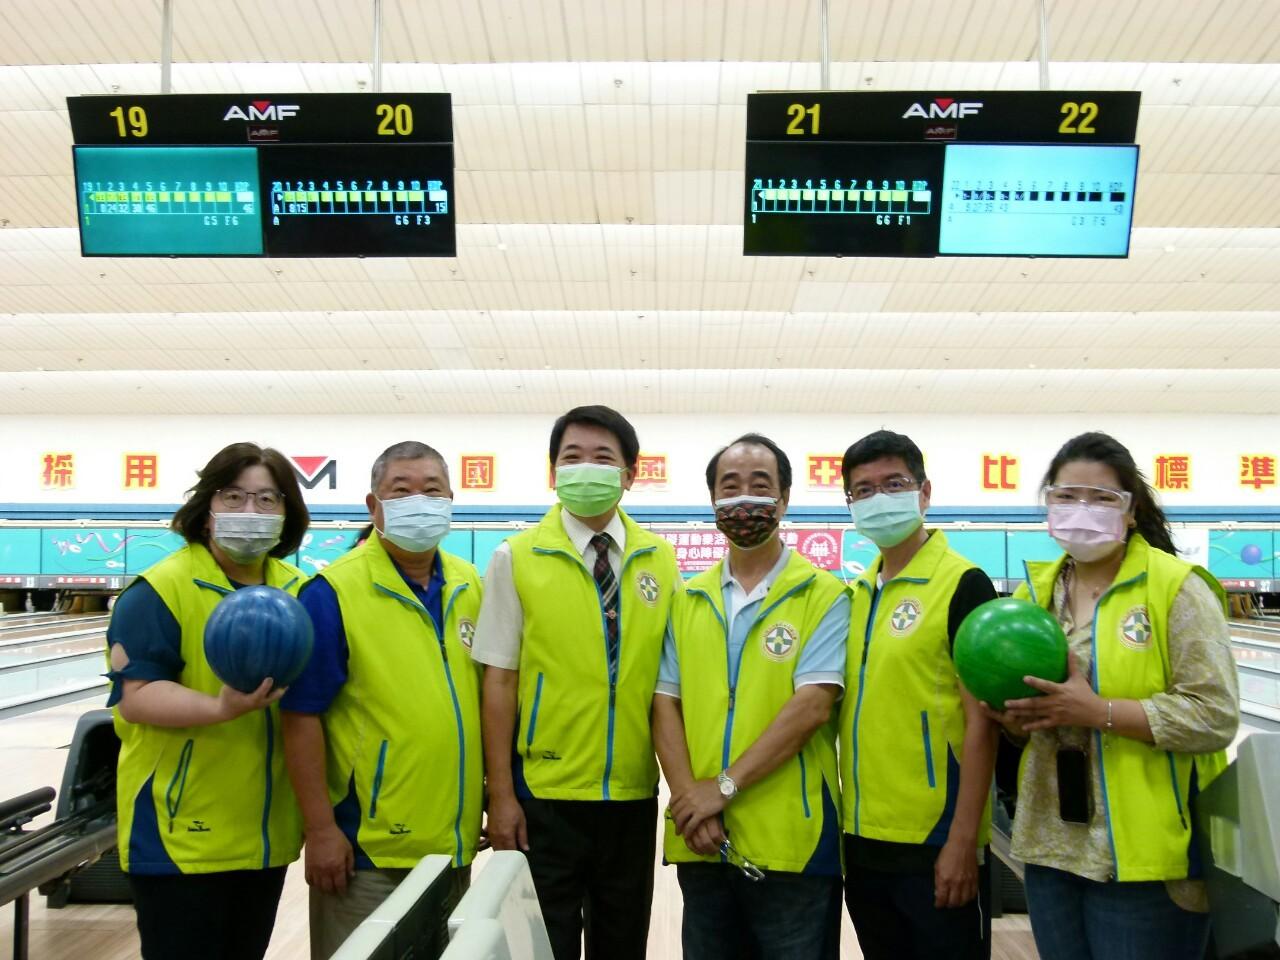 110年度公益活動臺南市西藥盃身心障礙者保齡球賽於黃金保齡球館舉行。_210830_48